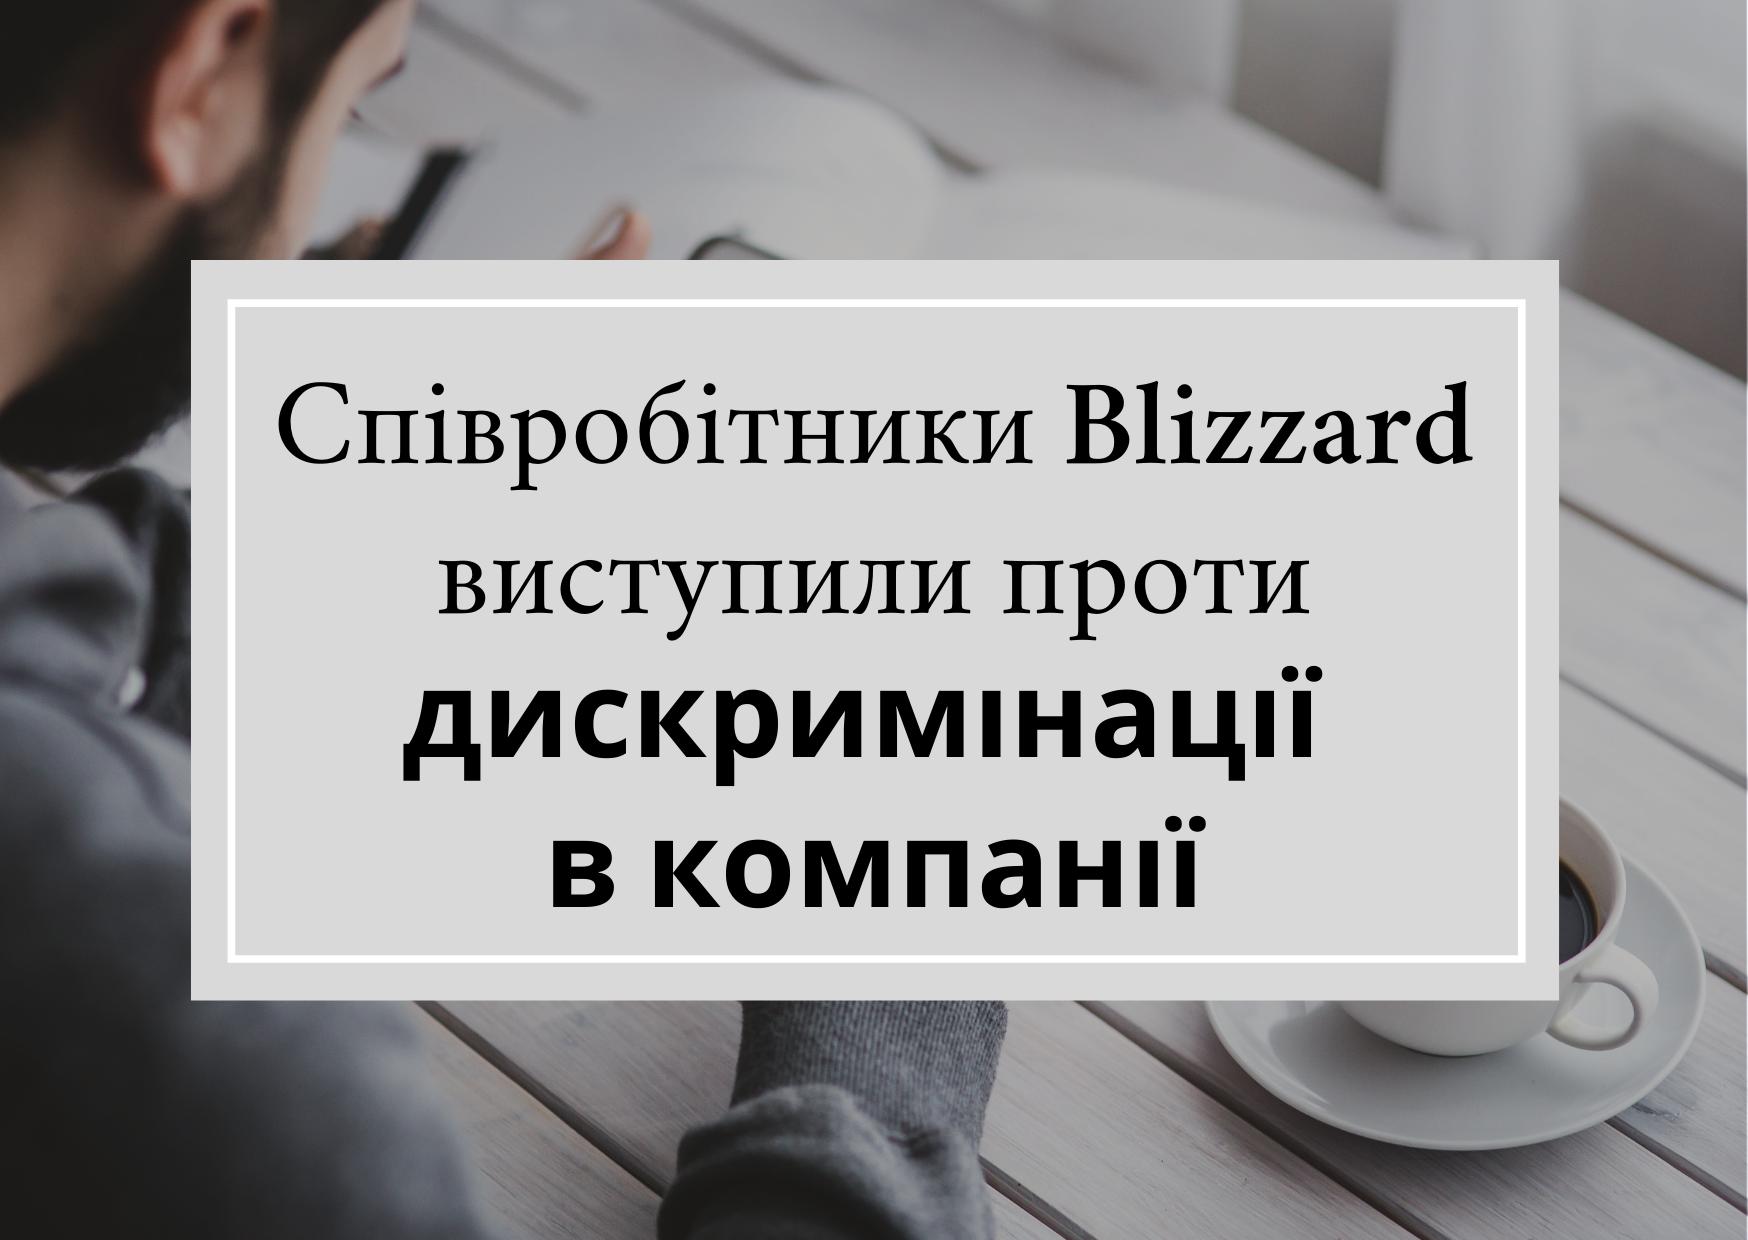 Співробітники Blizzard влаштували страйк